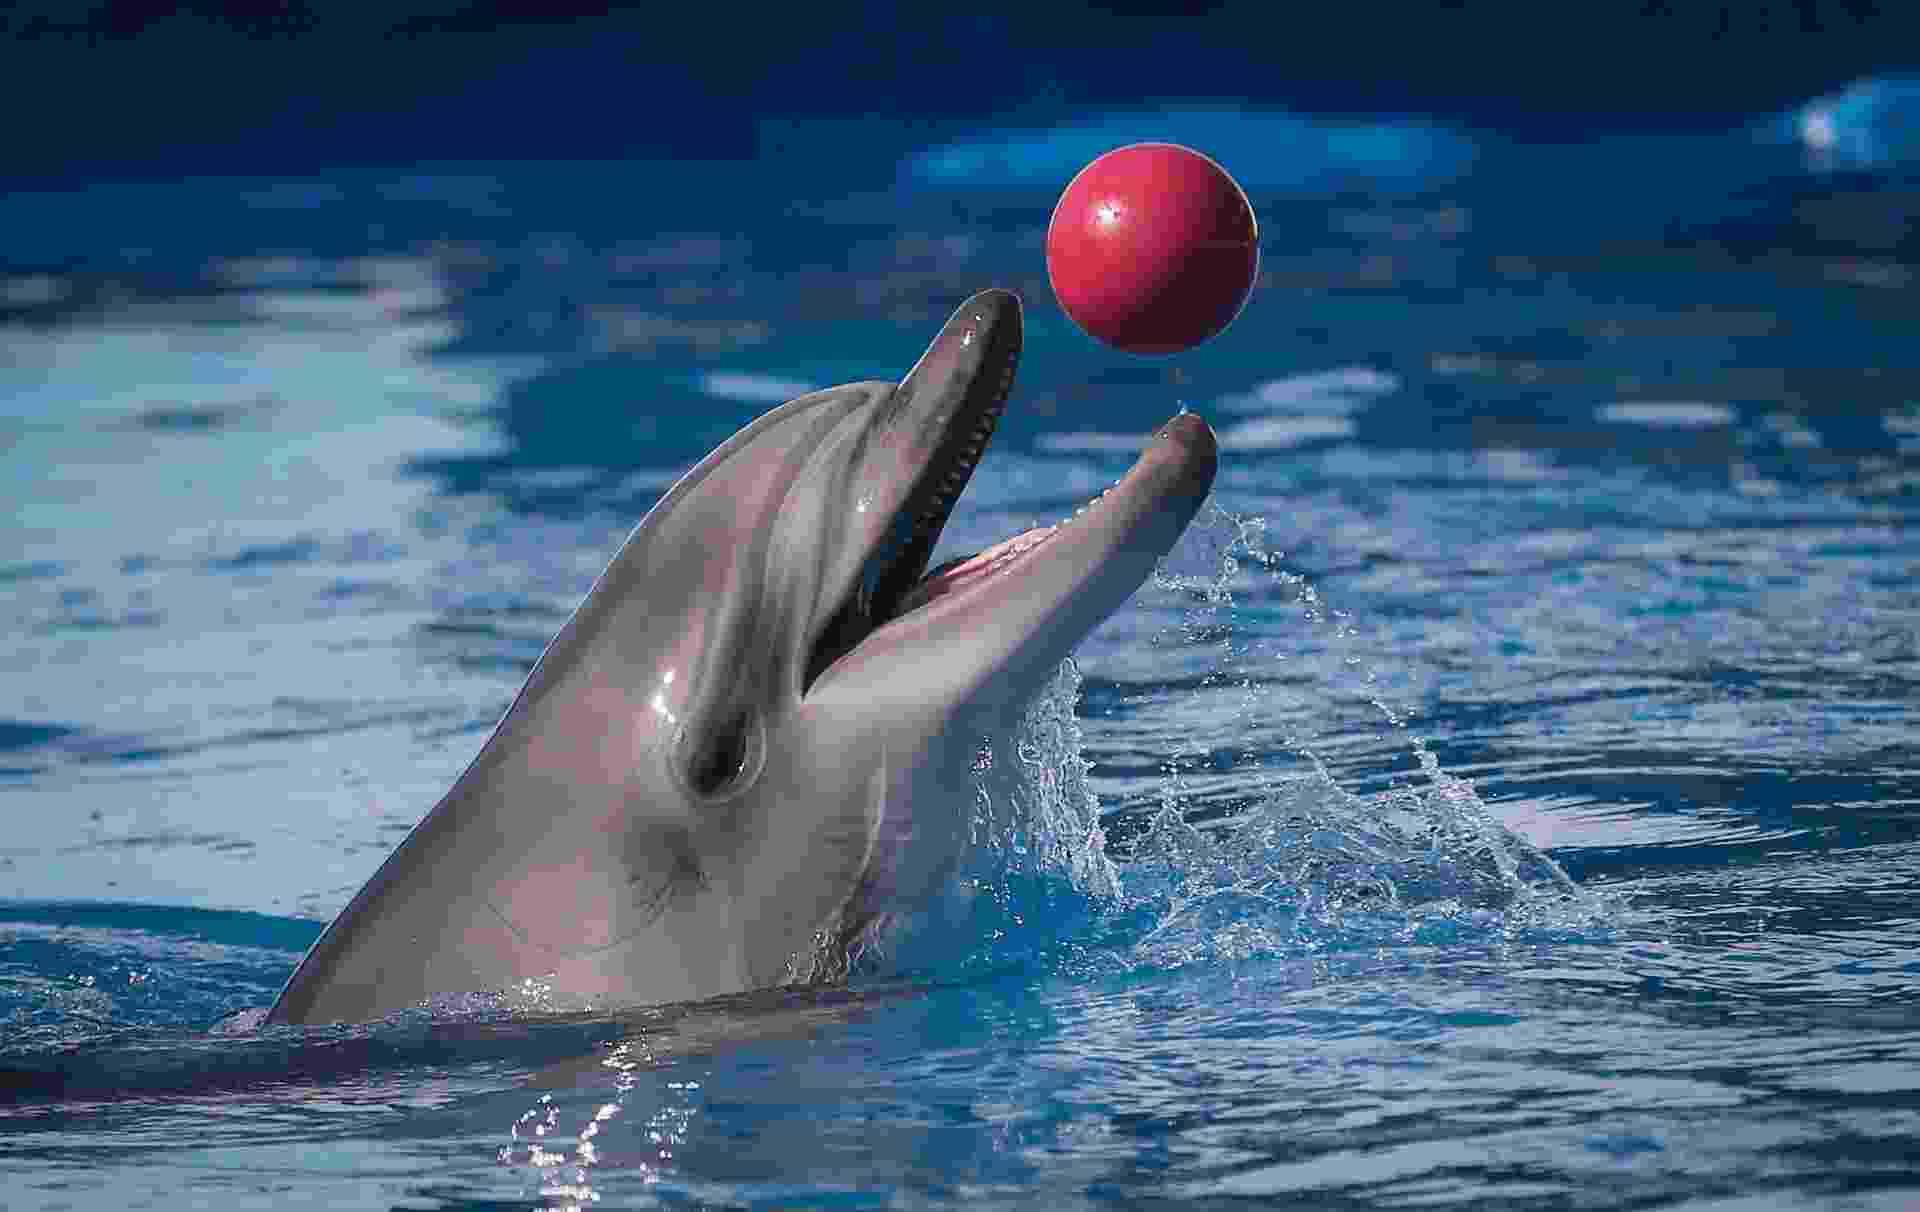 30.mar.2014 - Golfinho brinca com bola durante sessão de treinamento em Sebastopol, na Crimeia. O Aquário de Golfinhos de Sebastopol é um ramo de um aquário militar criado em 1965. No militar, os golfinhos são treinados para encontrar torpedos, minas e munição submersa. Depois da anexação da Crimeia à Rússia, o país anunciou que vai integrar os golfinhos militares à Marinha russa - Sergei Ilnitsky/EFE/EPA